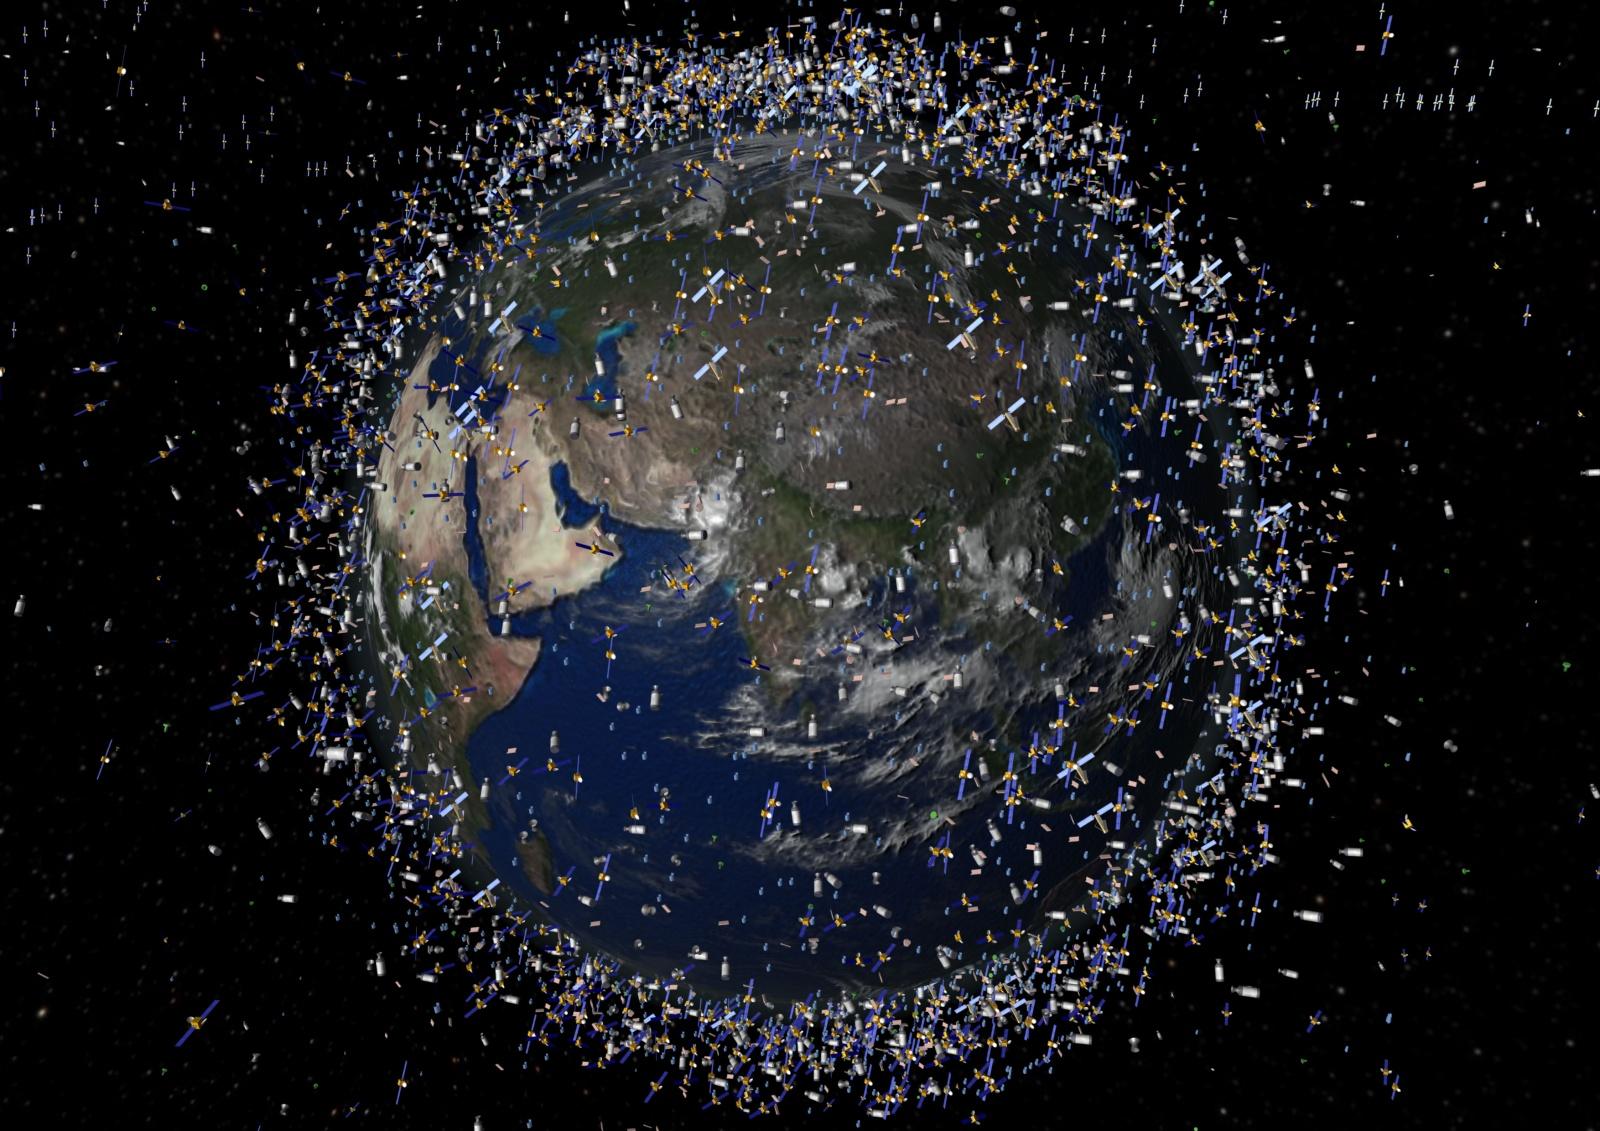 Космические державы планируют создать единый каталог объектов на орбите Земли - 1